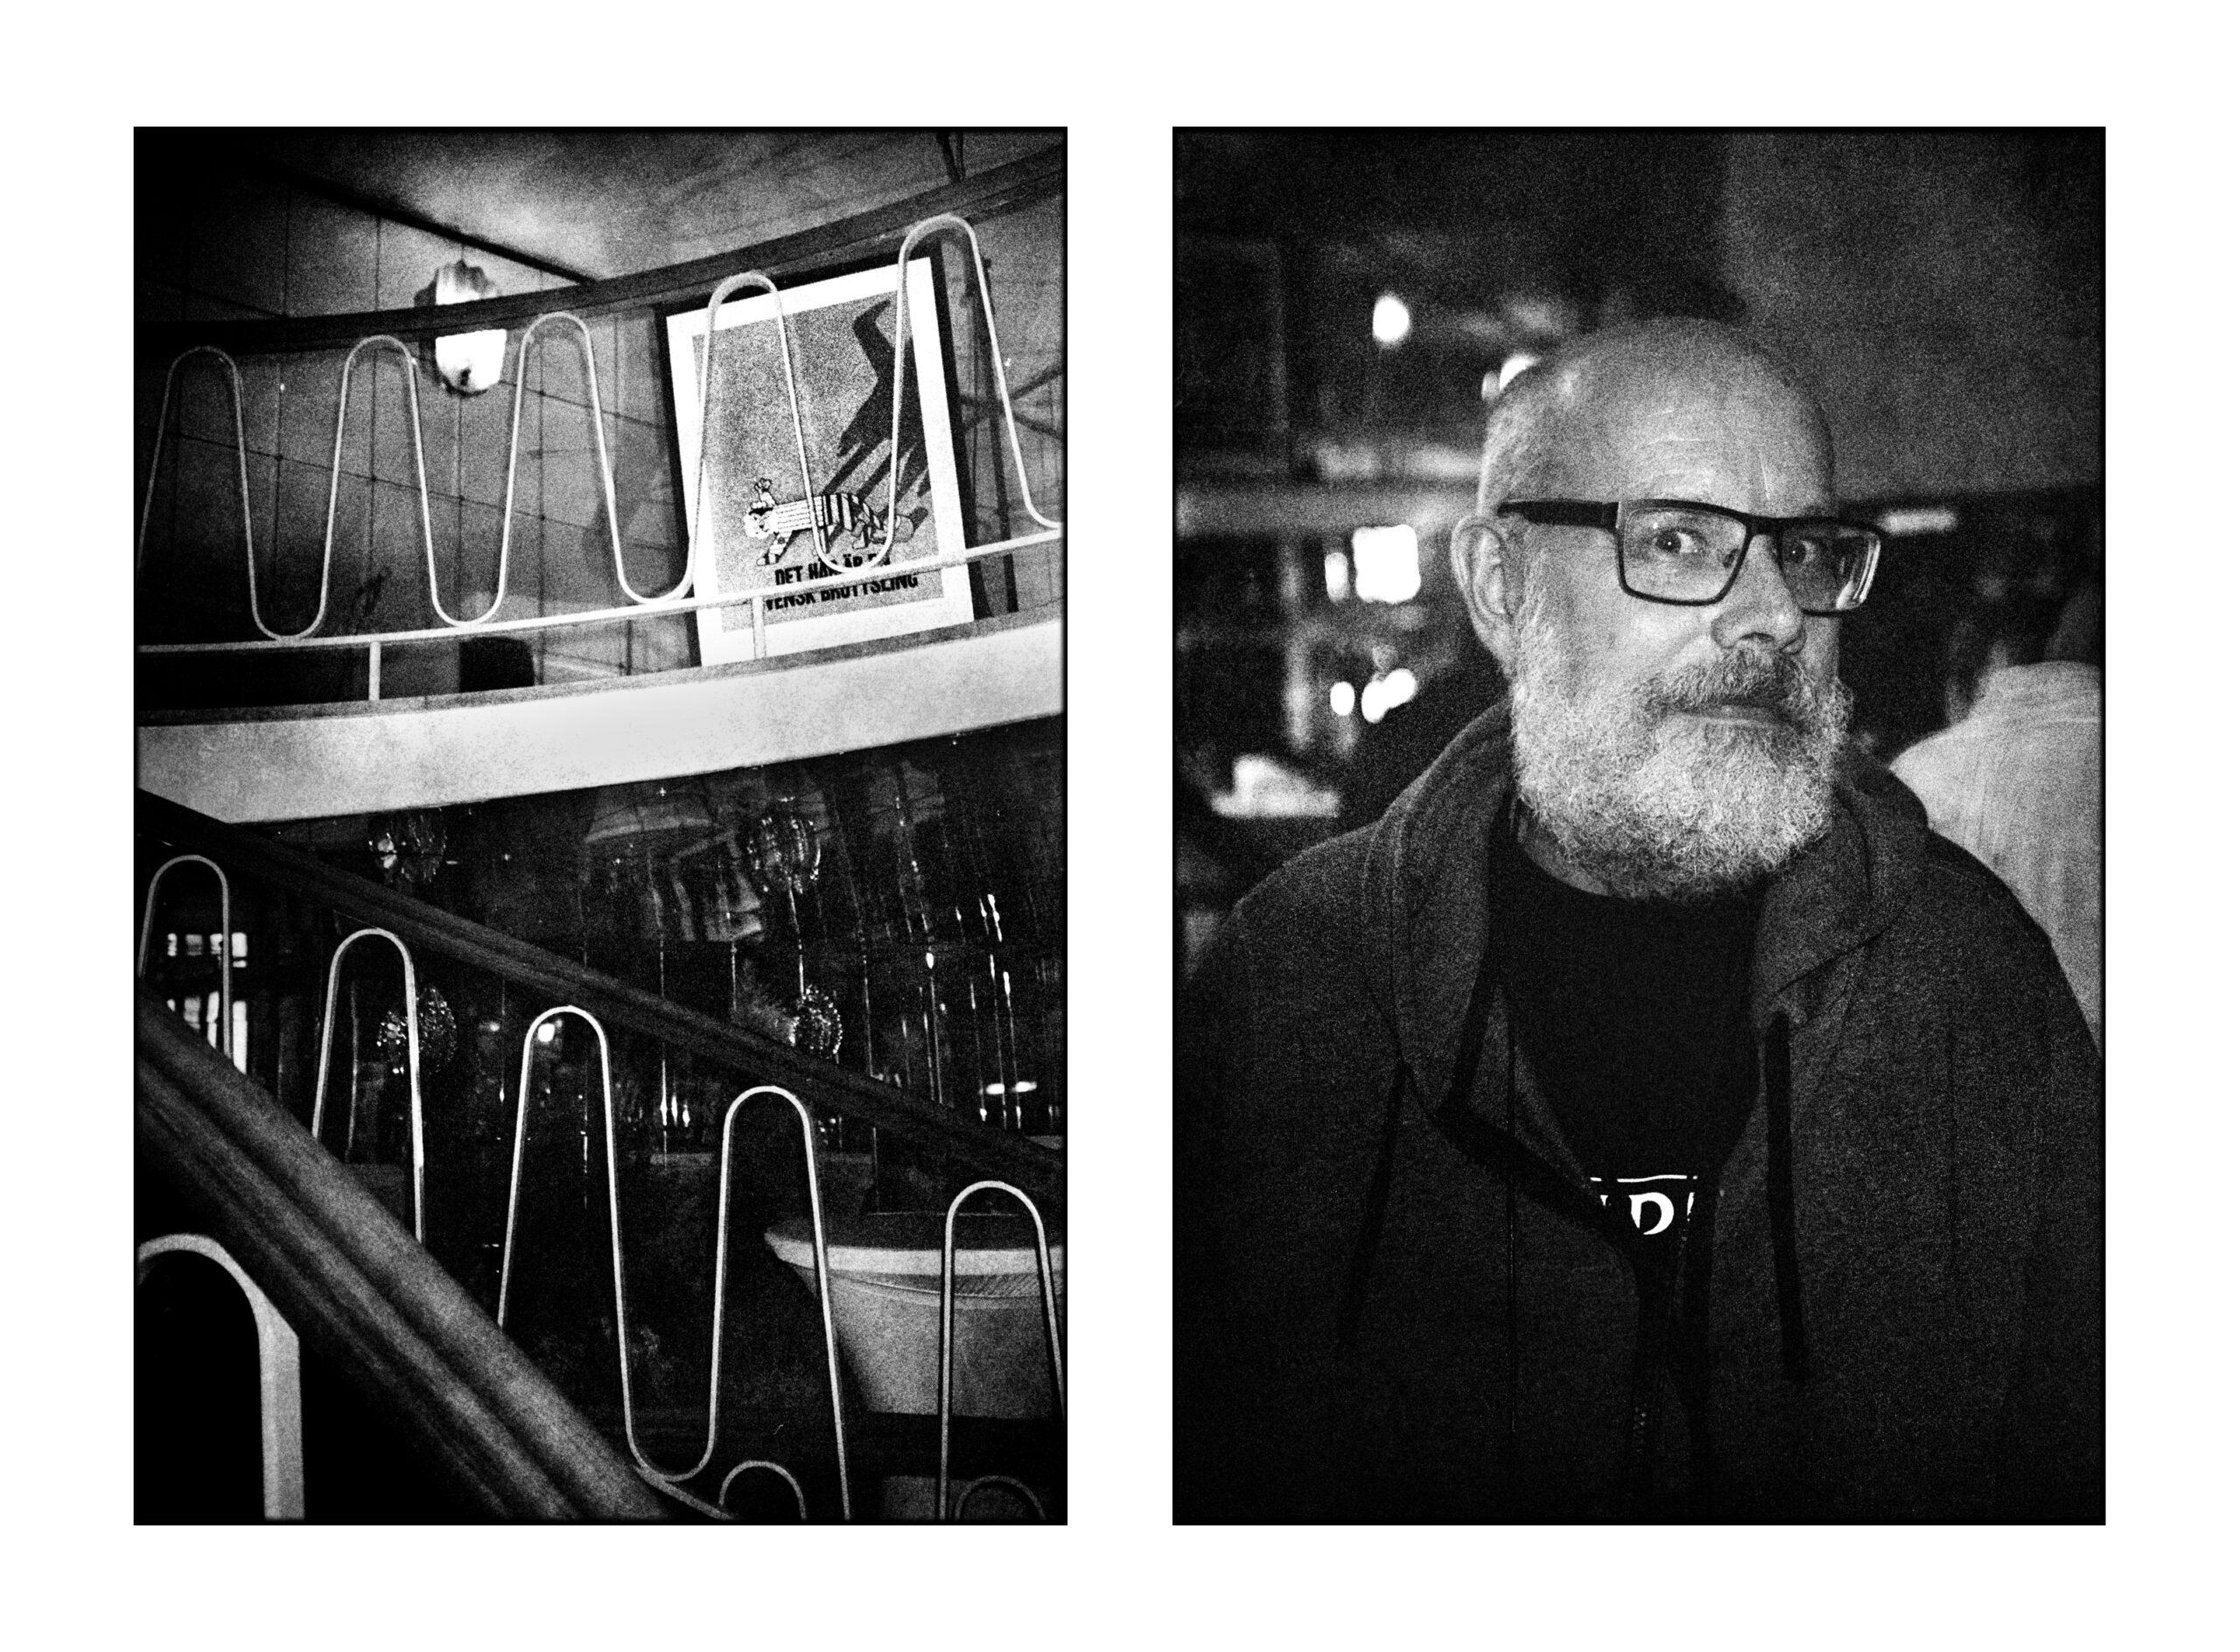 """Affischen """"Det här är en svensk brottsling"""" och Tomas Arfert som formgivit både affisch och bokomslag."""